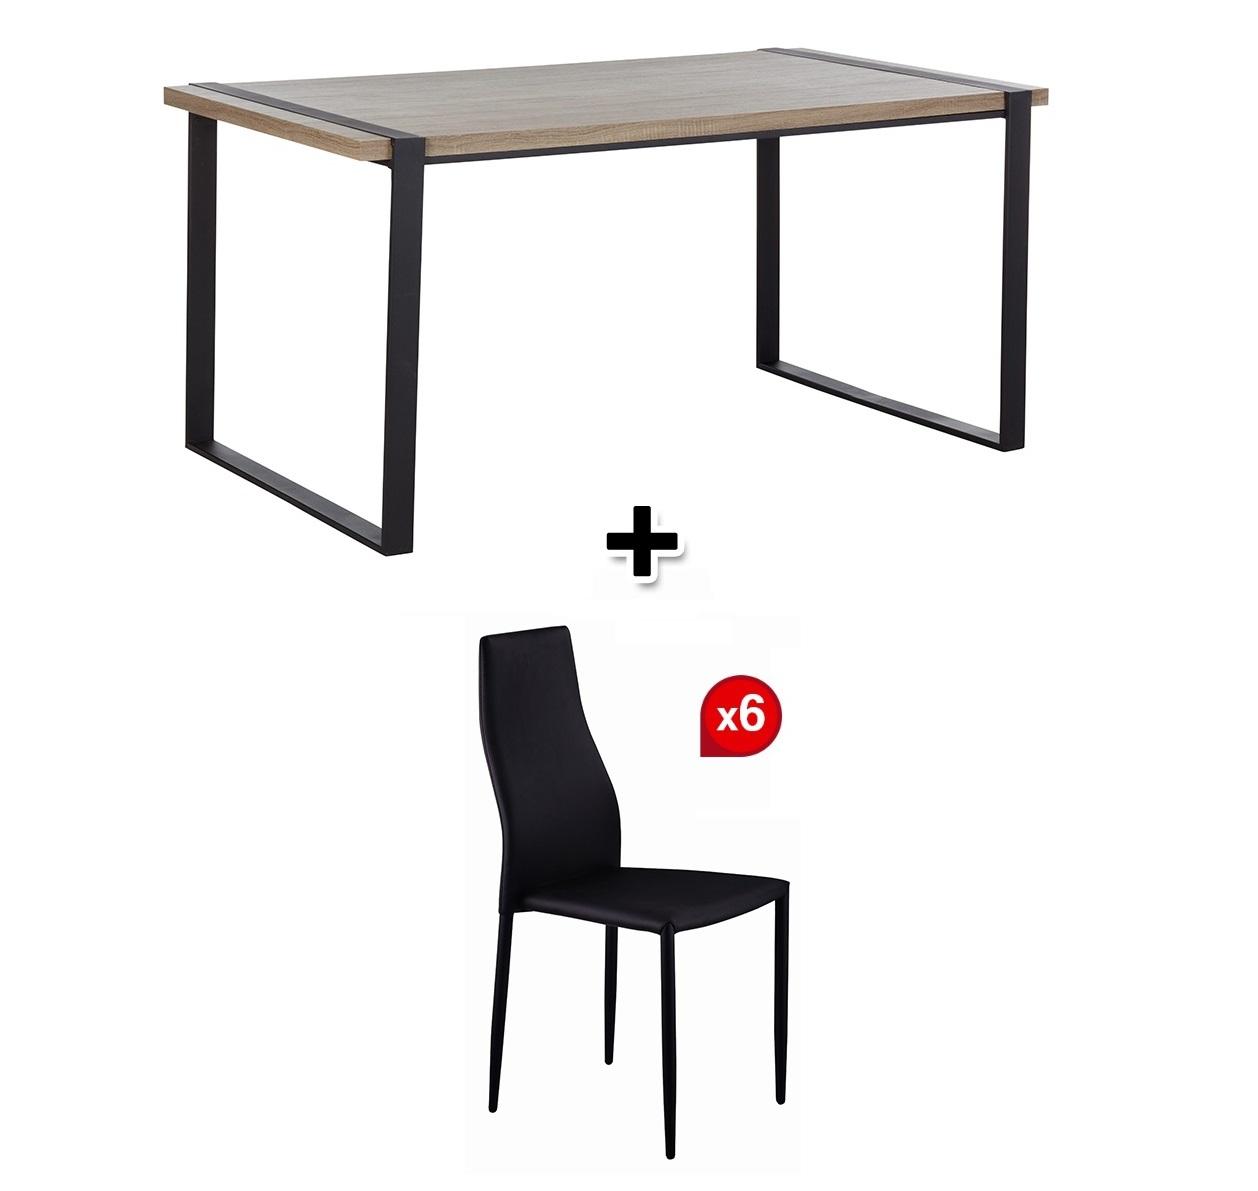 PARK AVENUE table de séjour + 6 chaises WENDY noires